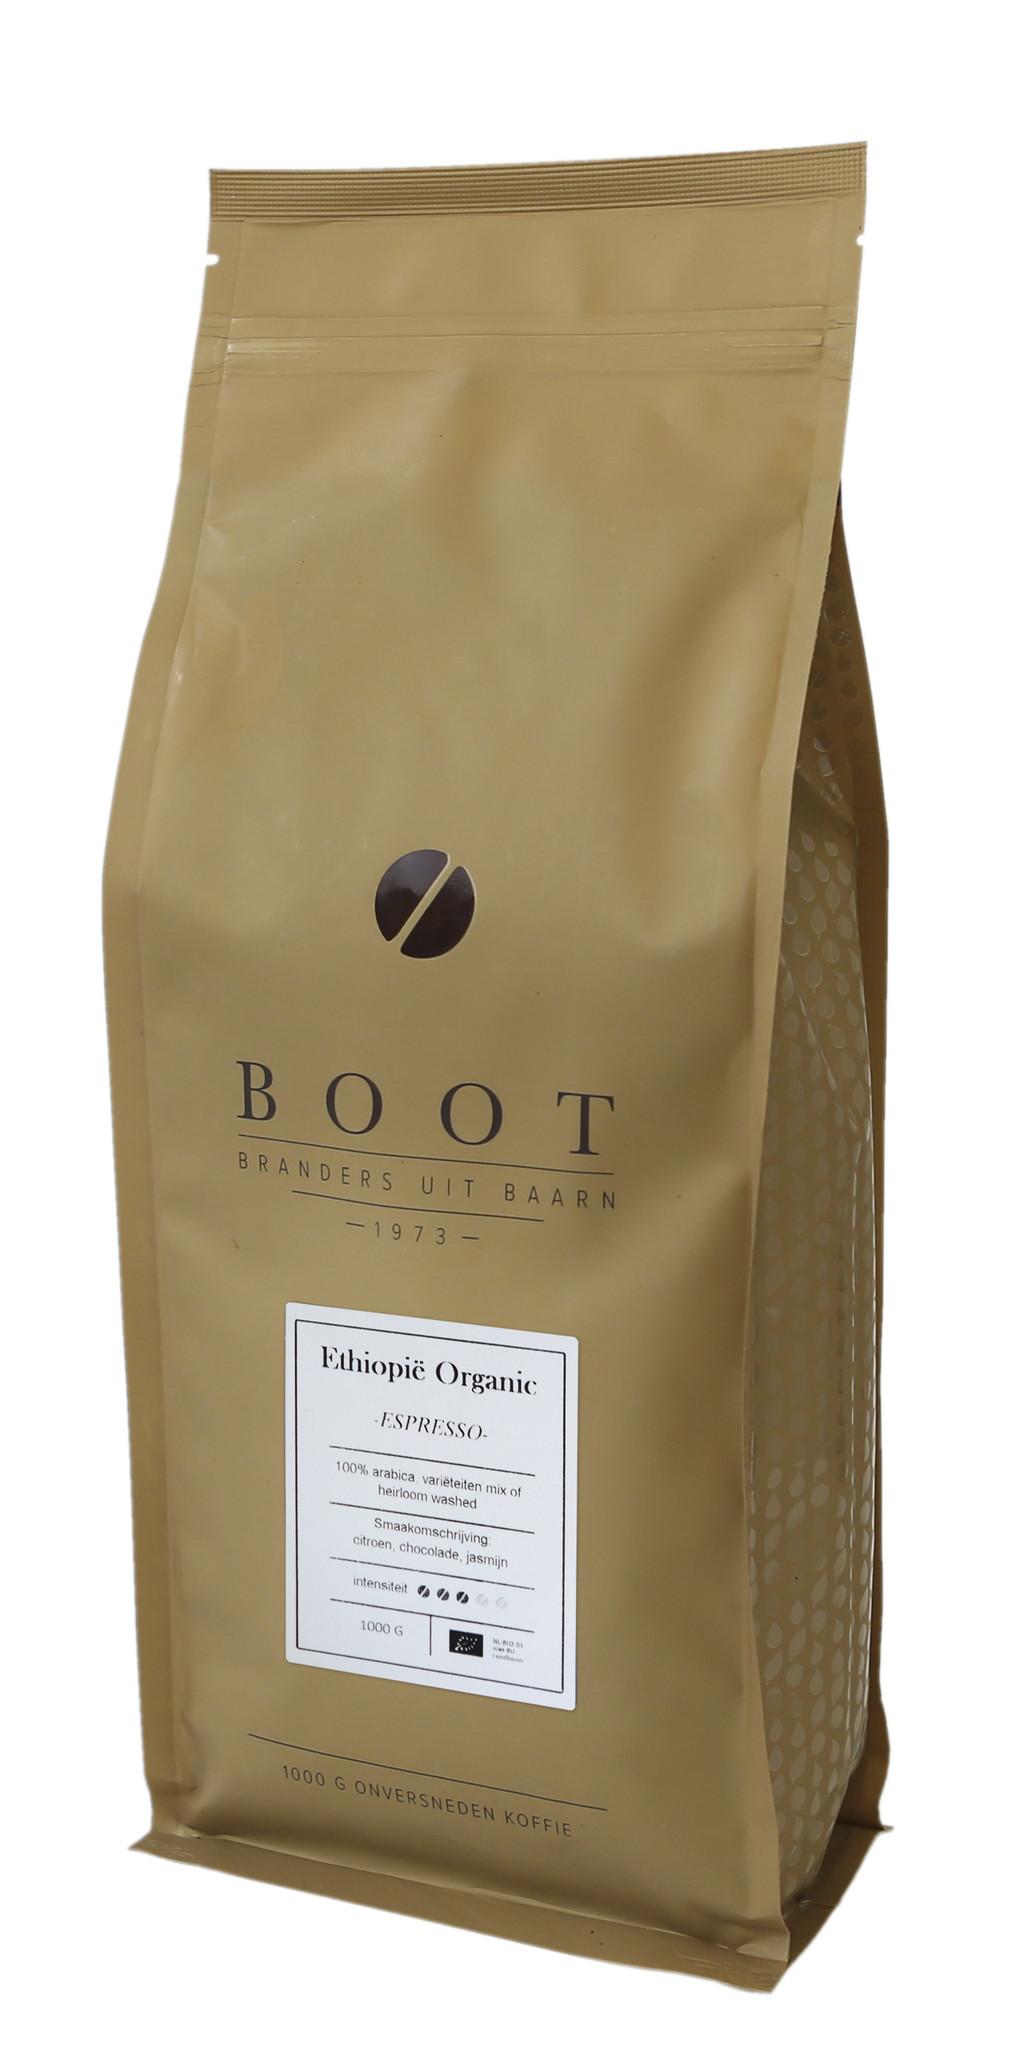 Boot koffie Ethiopië Organic Espresso - 1 kg